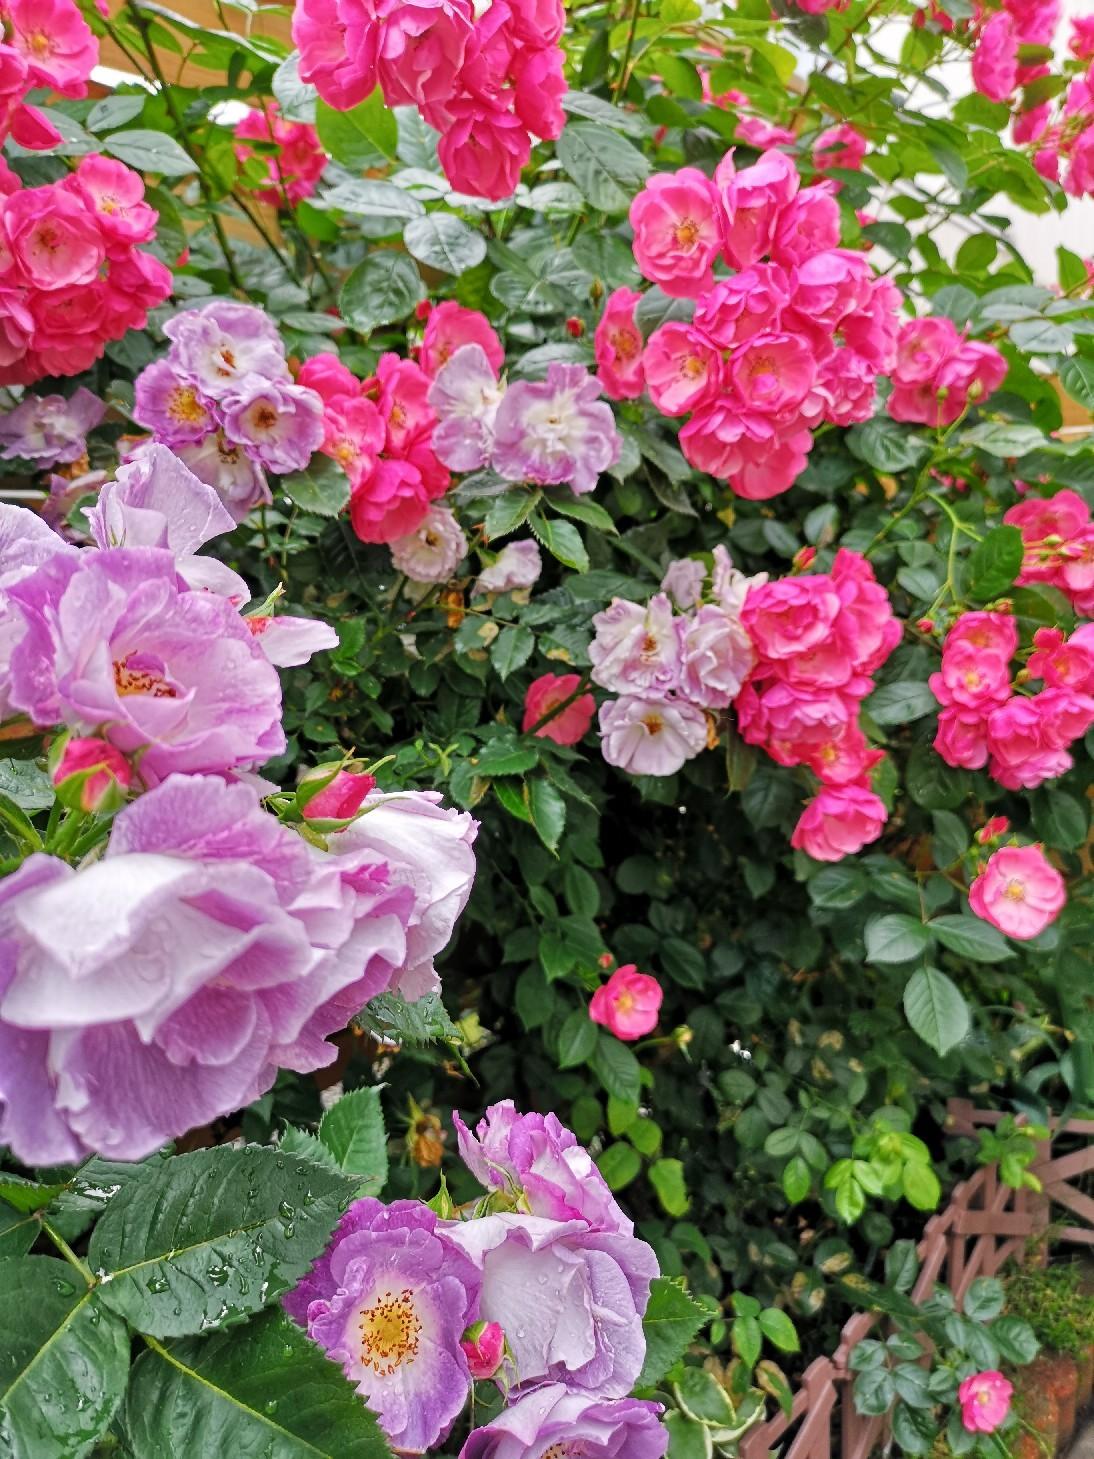 庭の薔薇の香を楽しむゆず隊長_d0211229_23470729.jpg